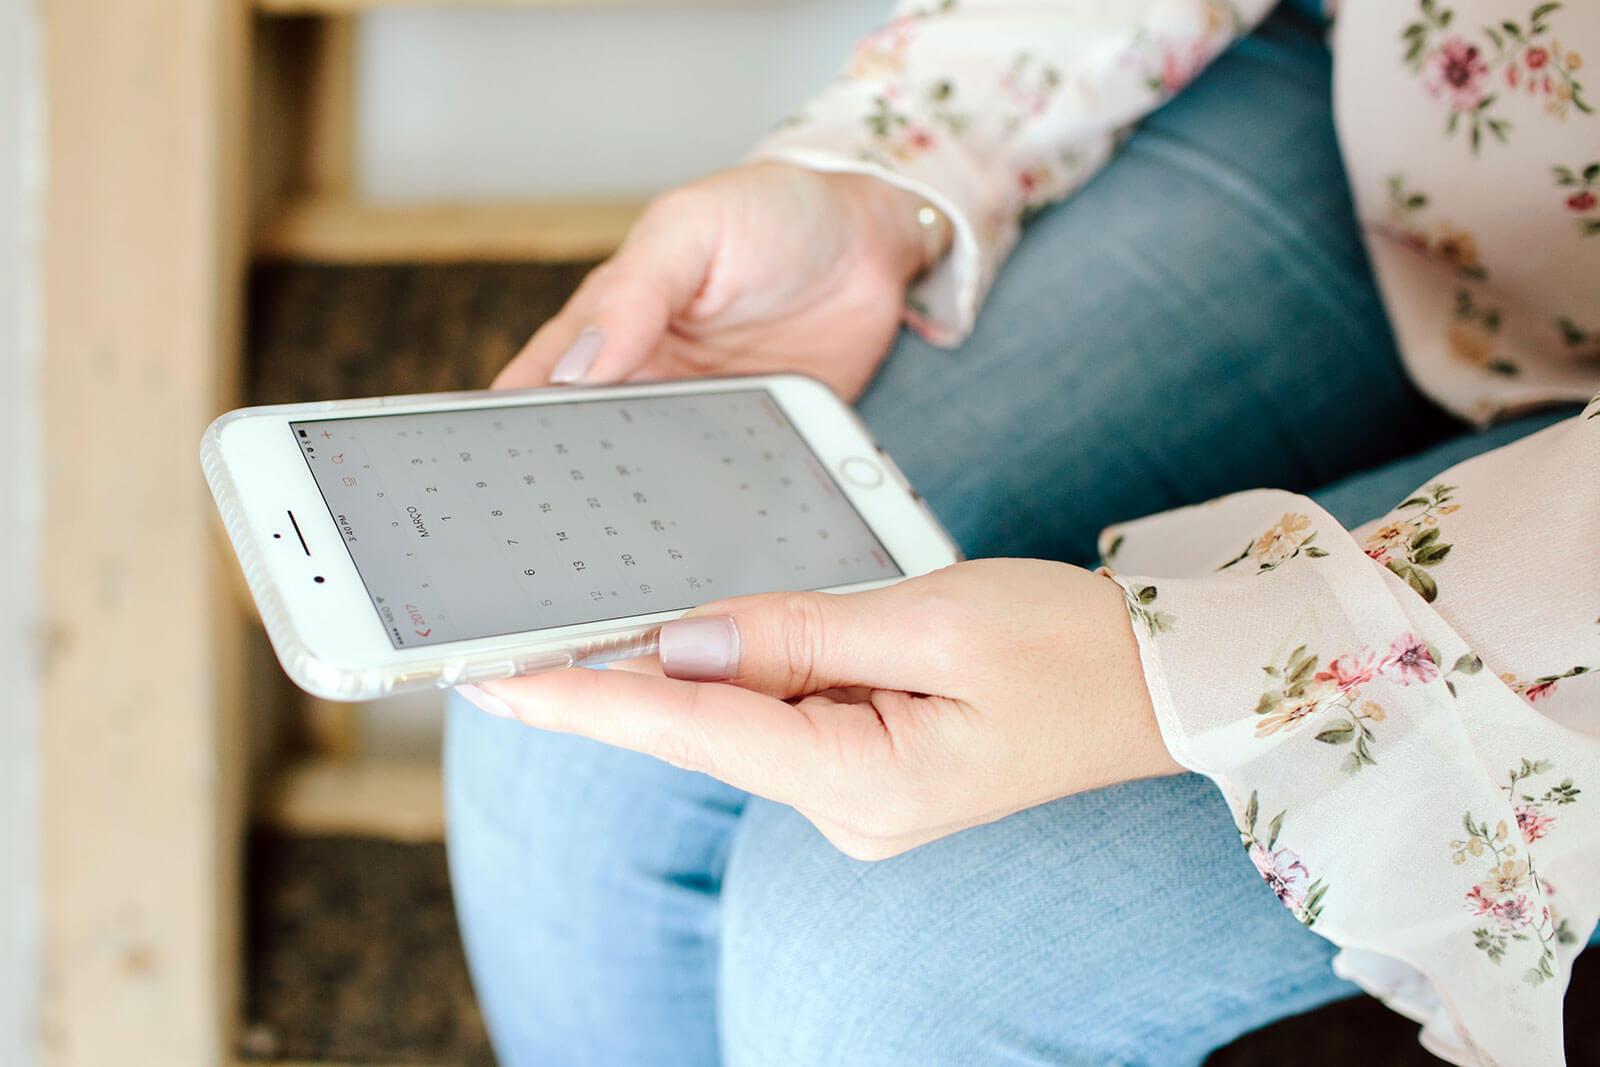 Rita Aleluia sentada numa escada de mandeira com smartphone nas mãos